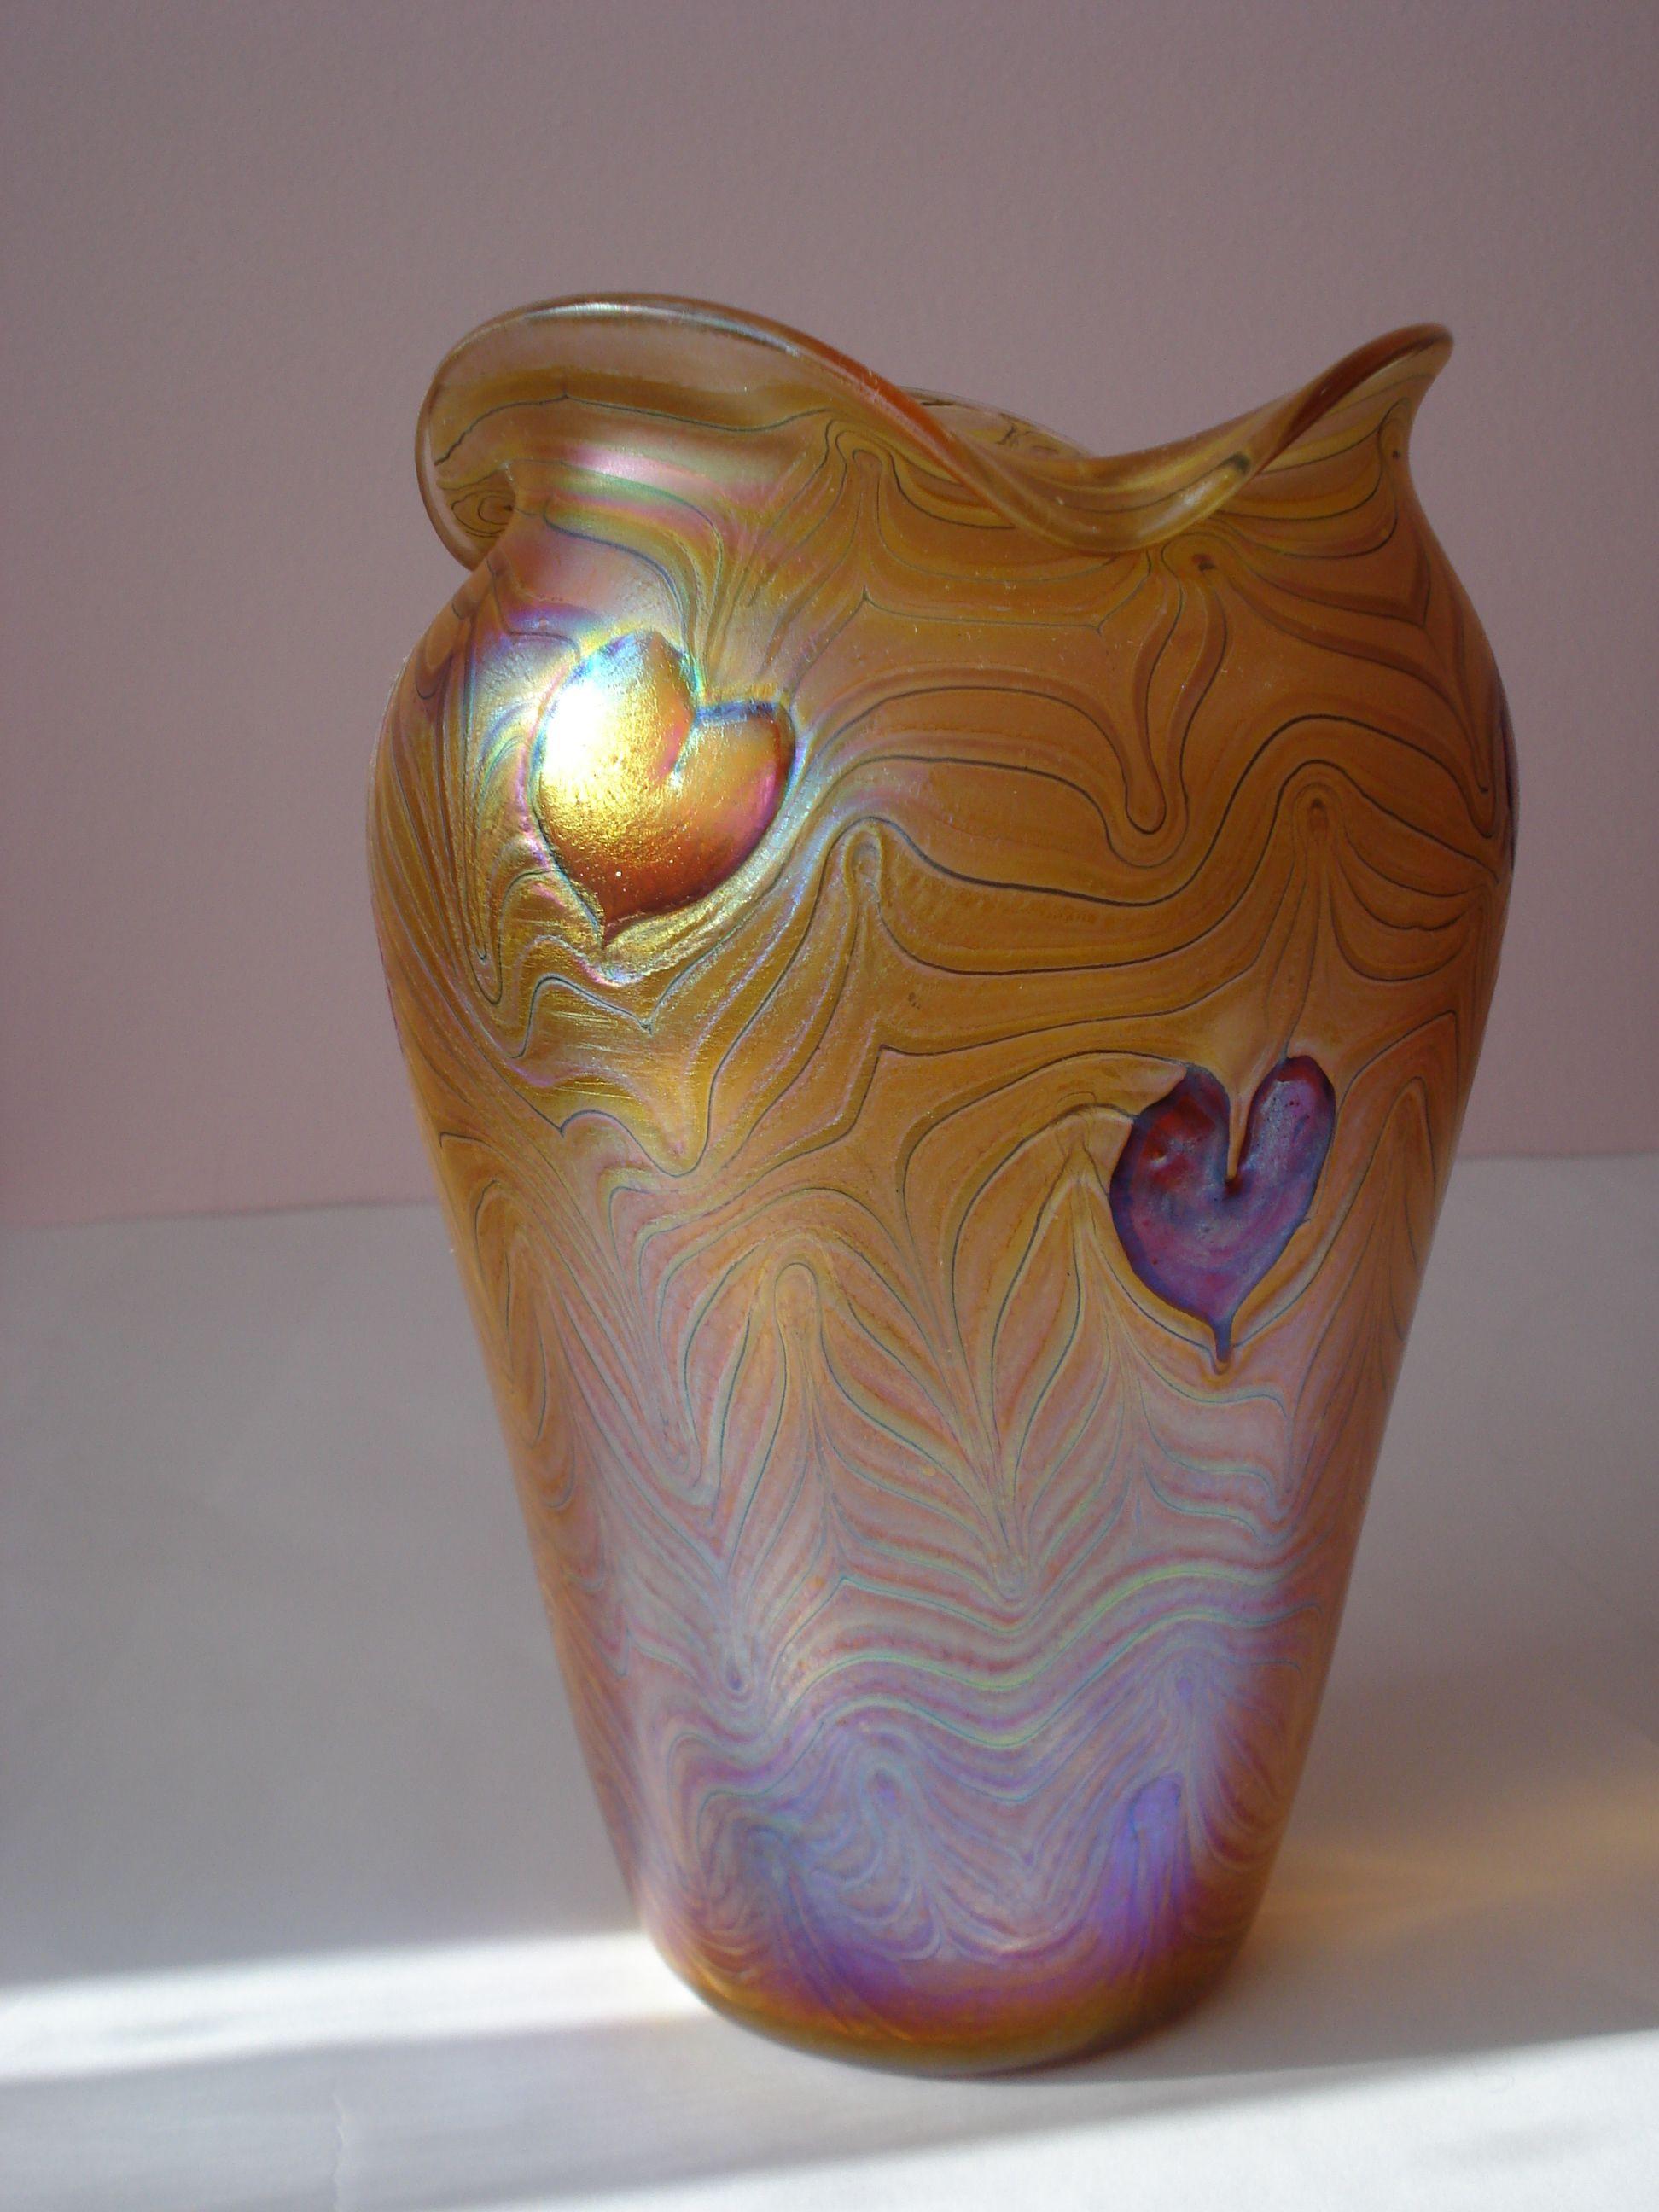 4ft glass vase of ceramic cylinder vase stock green harrach glass vase flat enameled regarding ceramic cylinder vase images od muller igor czech glass of ceramic cylinder vase stock green harrach